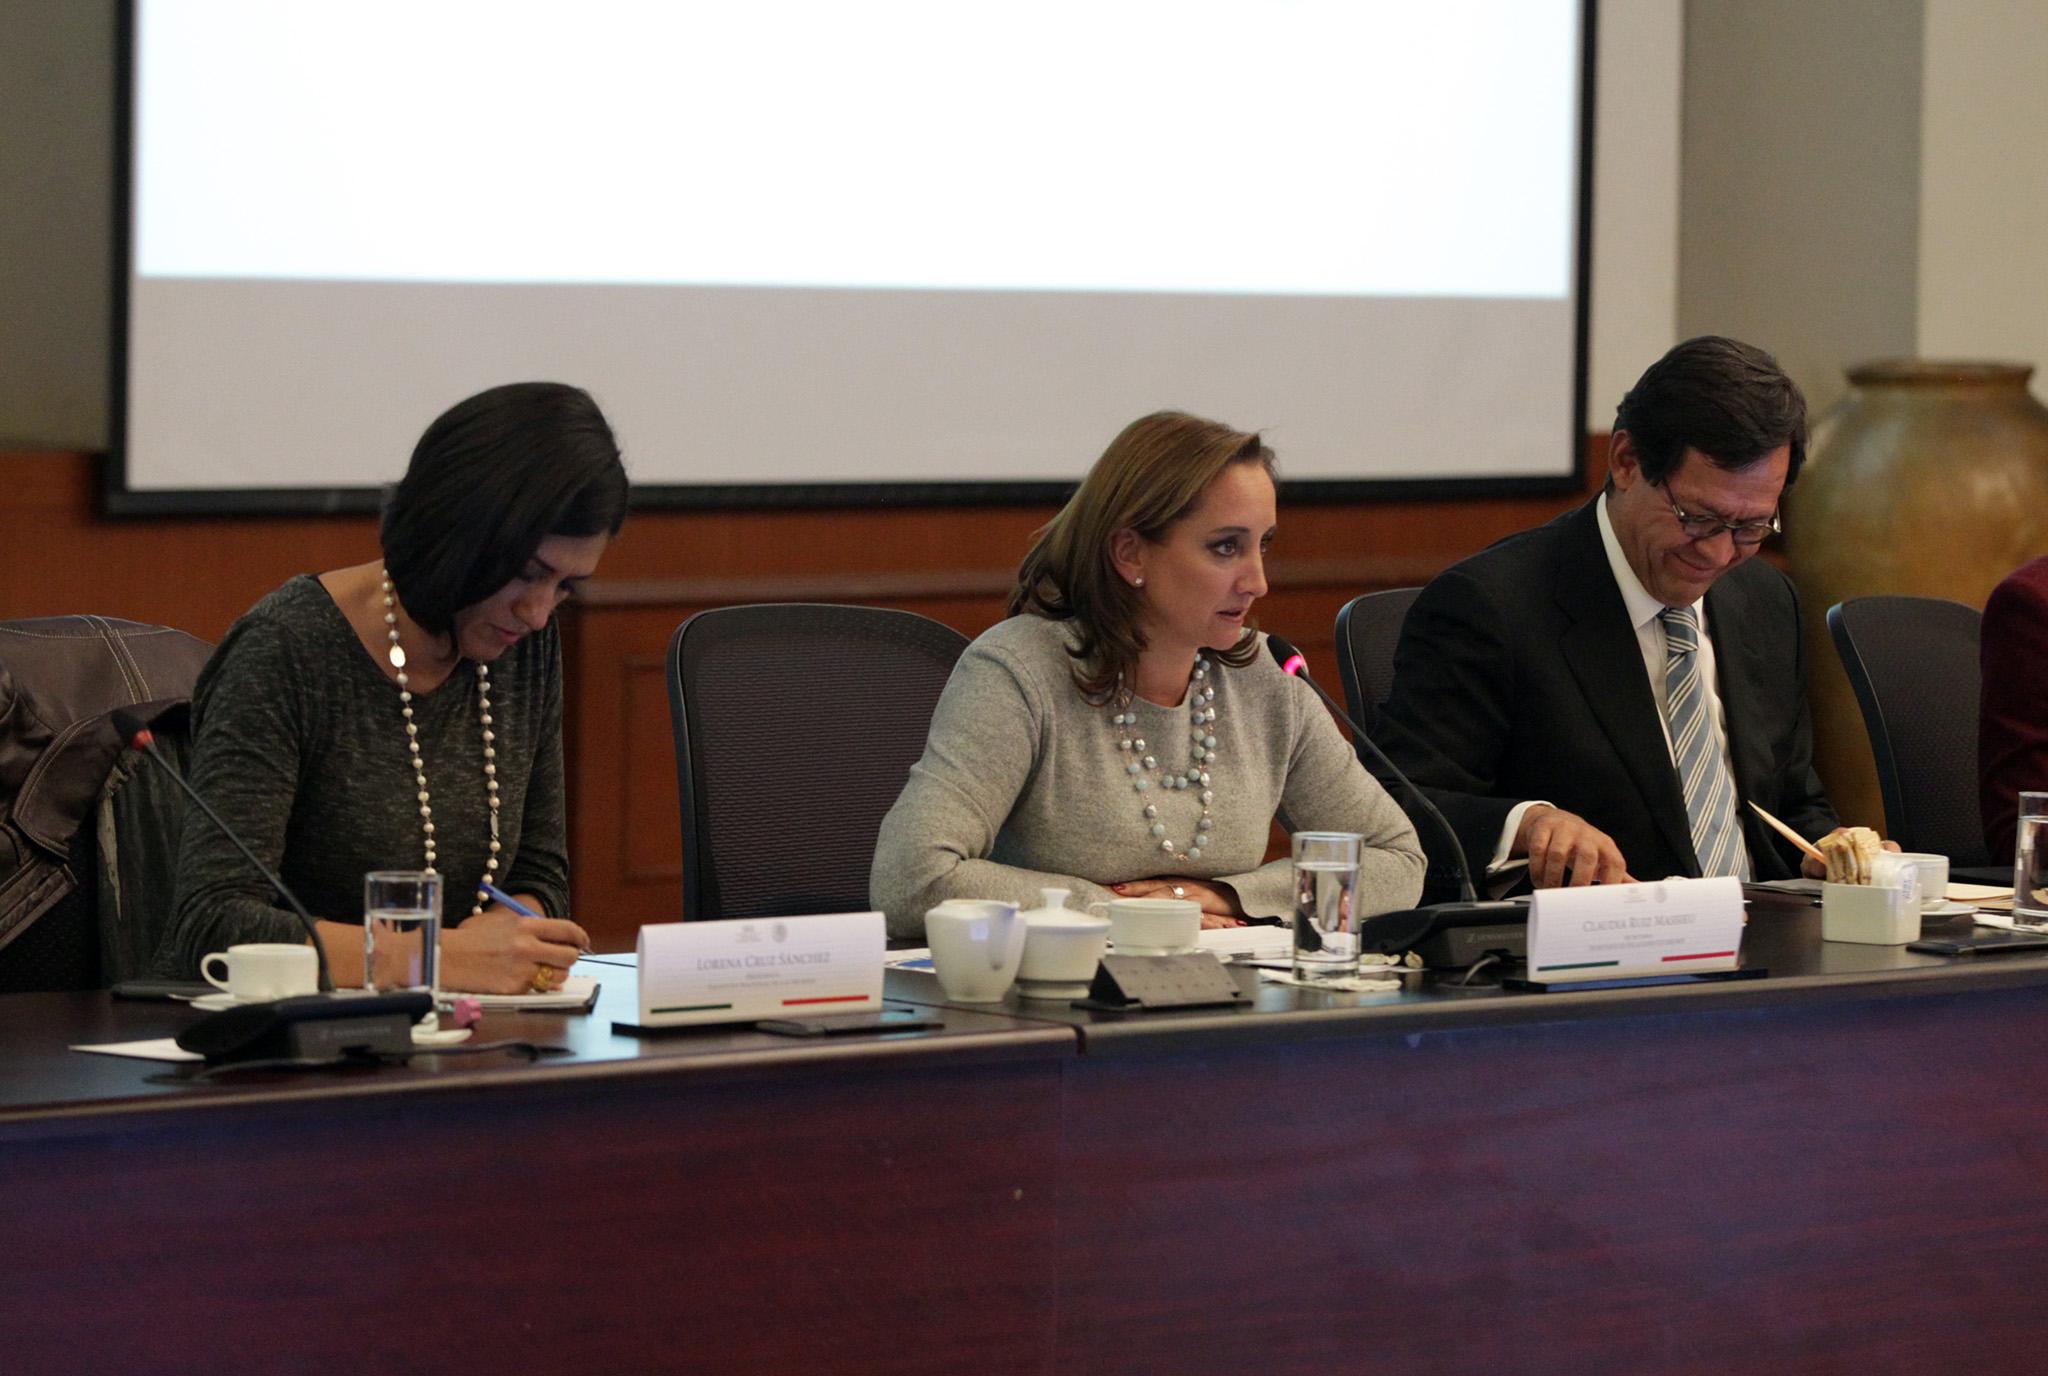 FOTO 1 Canciller Claudia Ruiz Massieu en la Reuni n de Coordinaci n Intersecretarial para Atenci n de Obligaciones en Materia de G nero.jpg